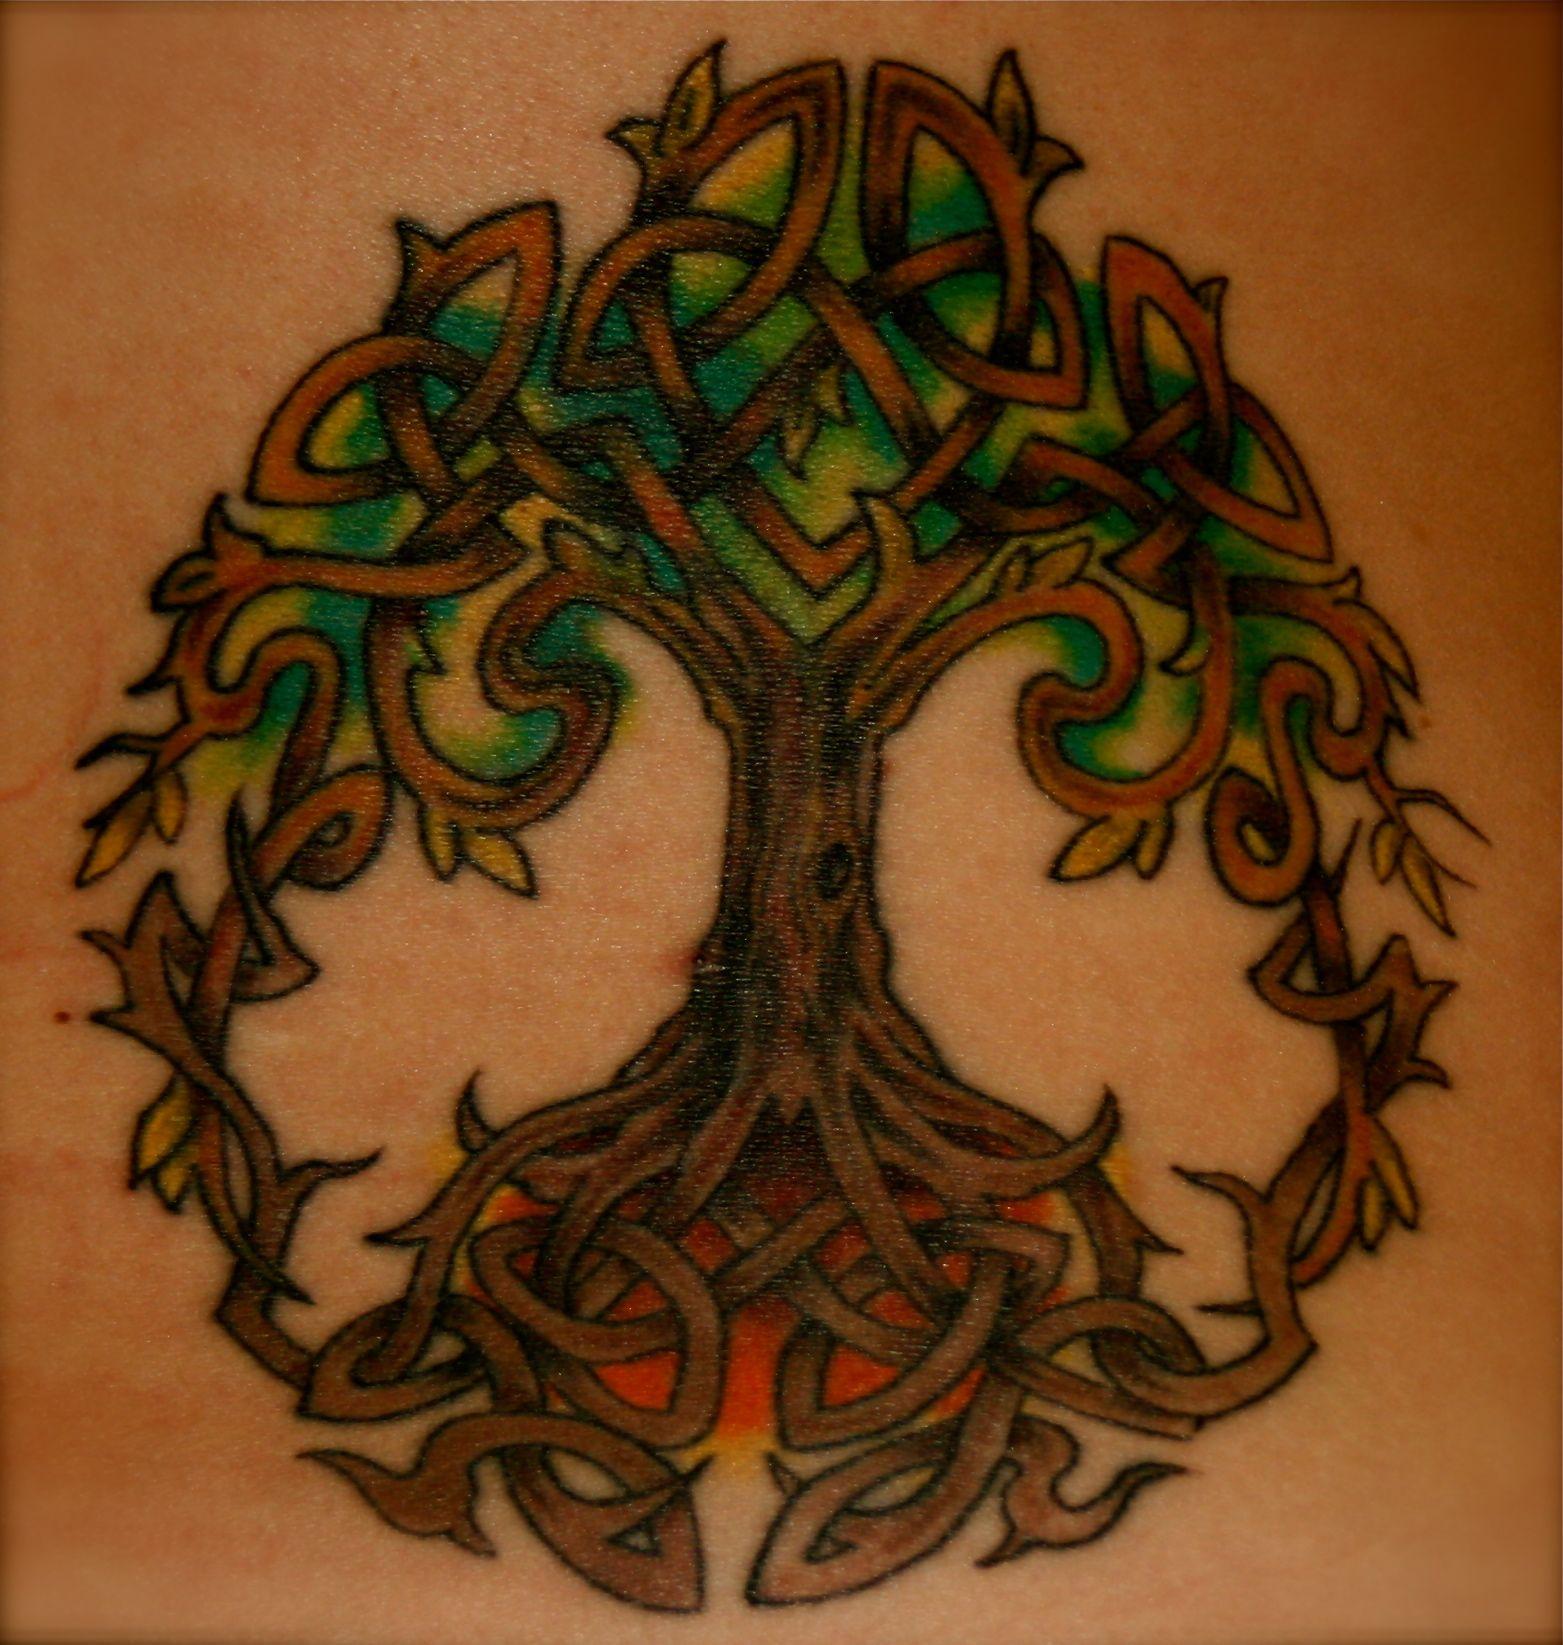 Celtic Tree of Life Tattoo | Celtic tree tattoos, Life ...